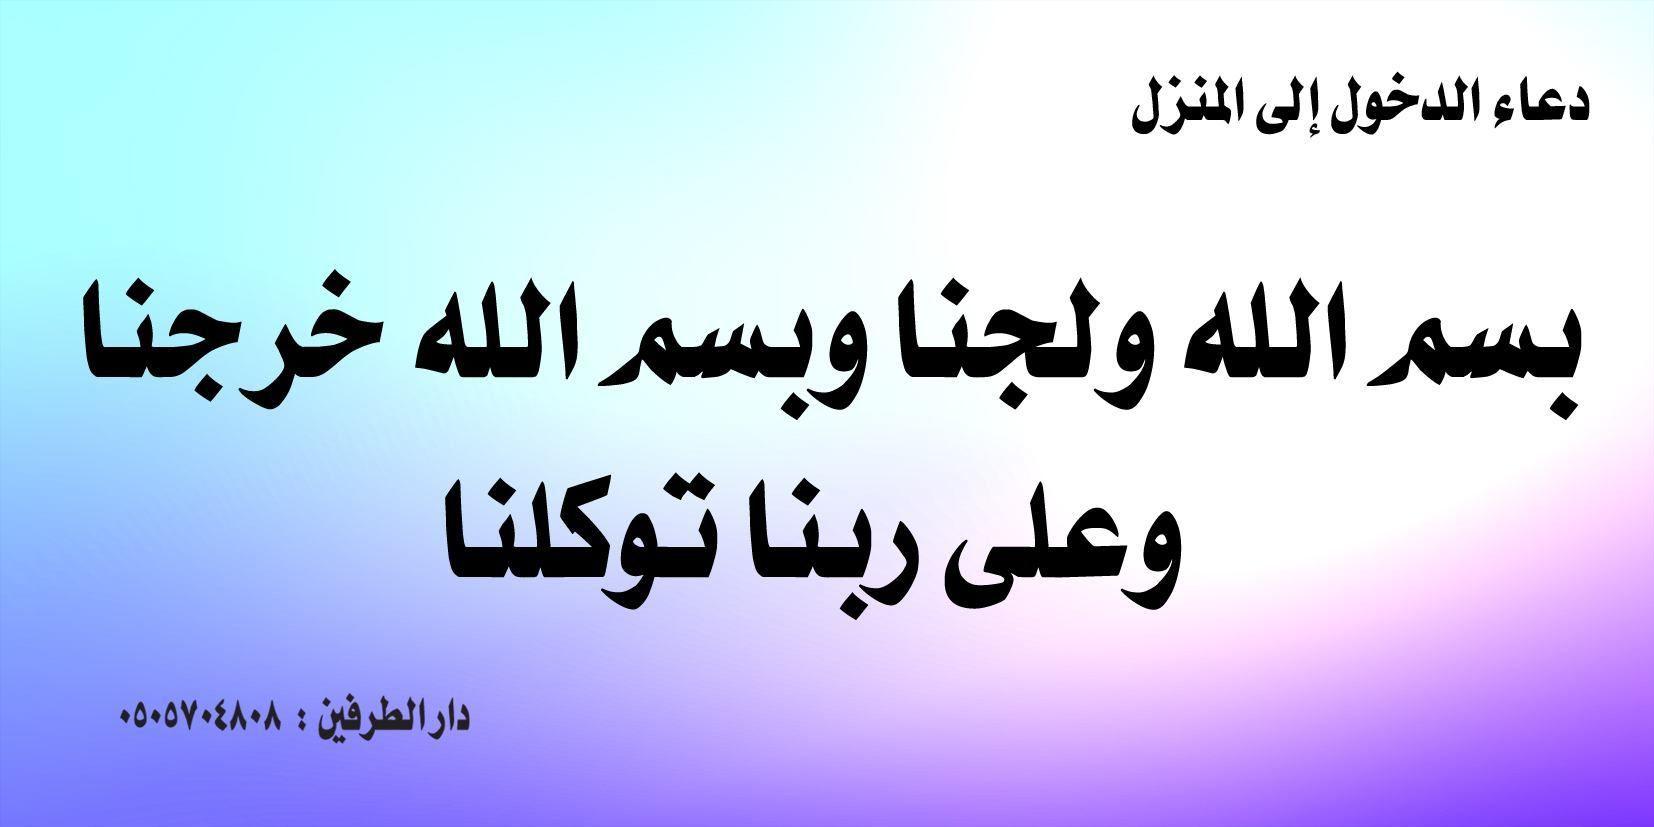 دعاء دخول المنزل Google Search Math Arabic Calligraphy Image